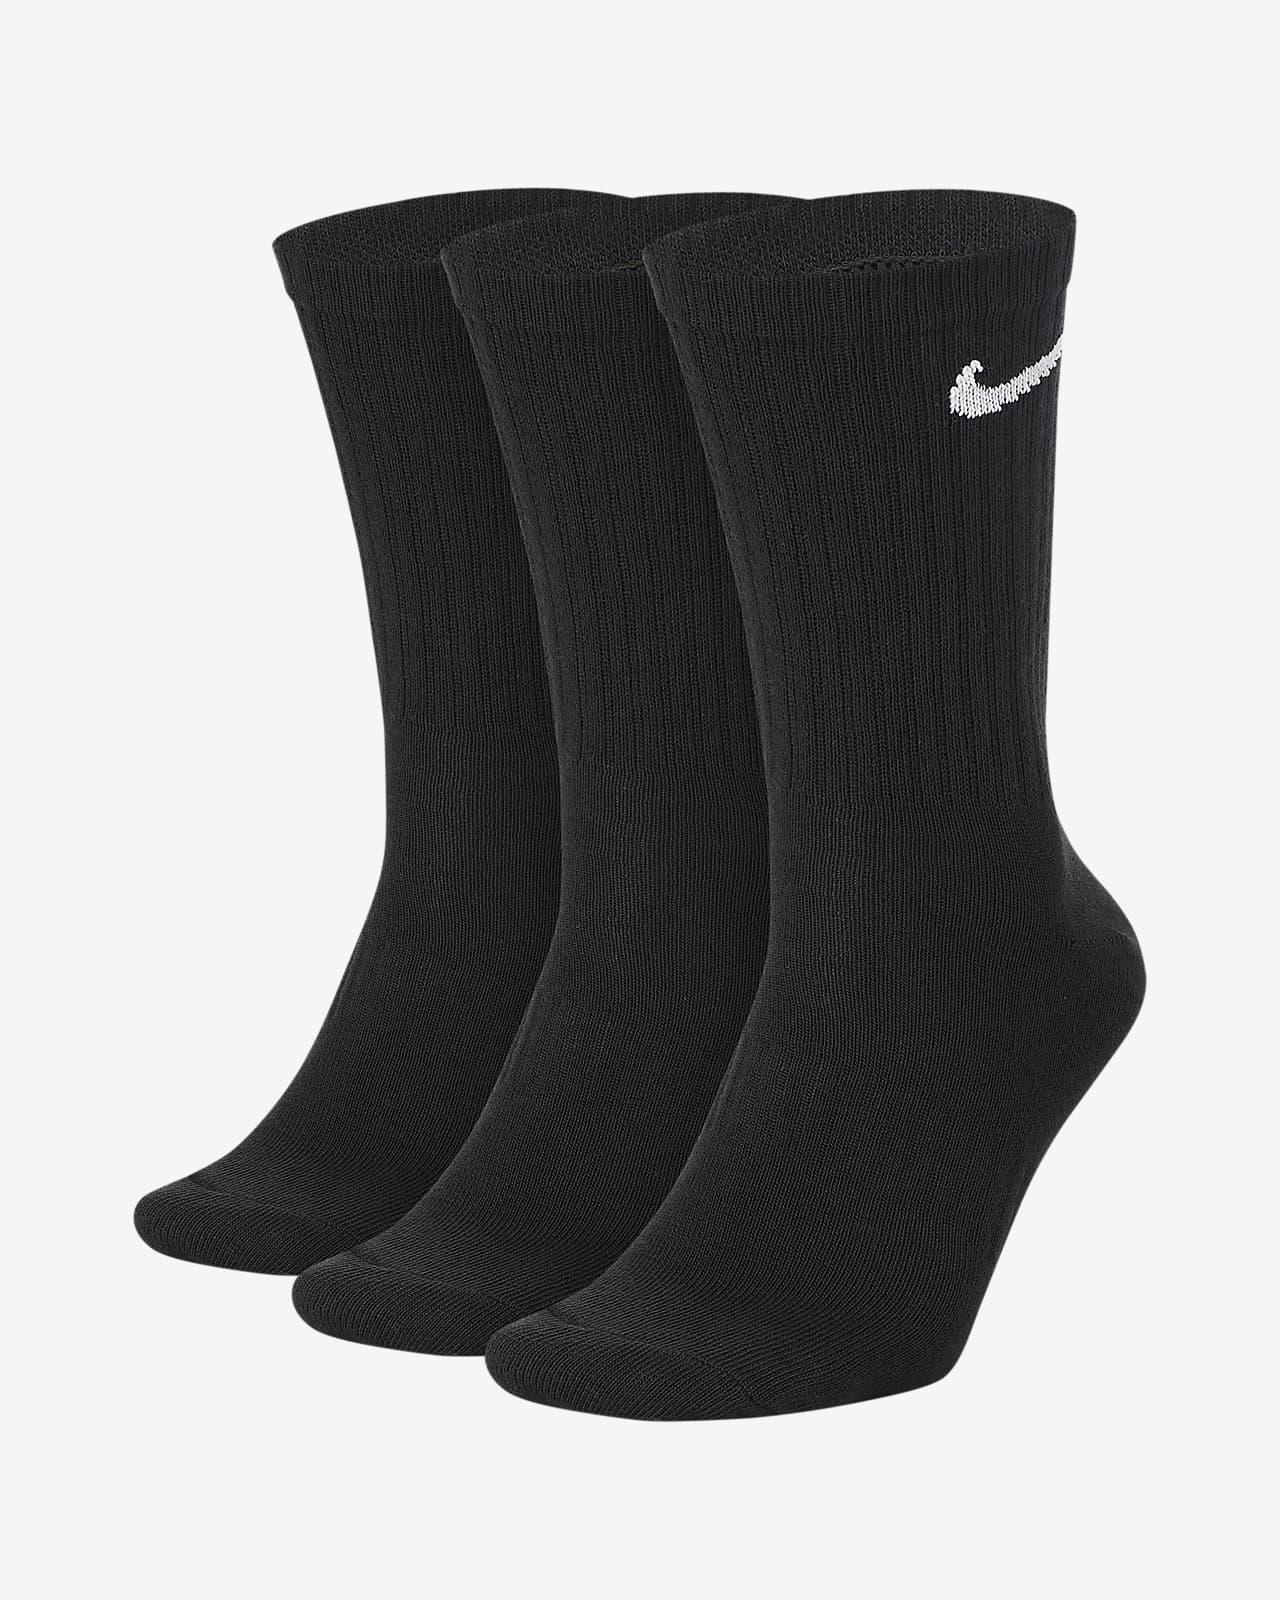 Träningsstrumpor Nike Everyday Lightweight (3 par)